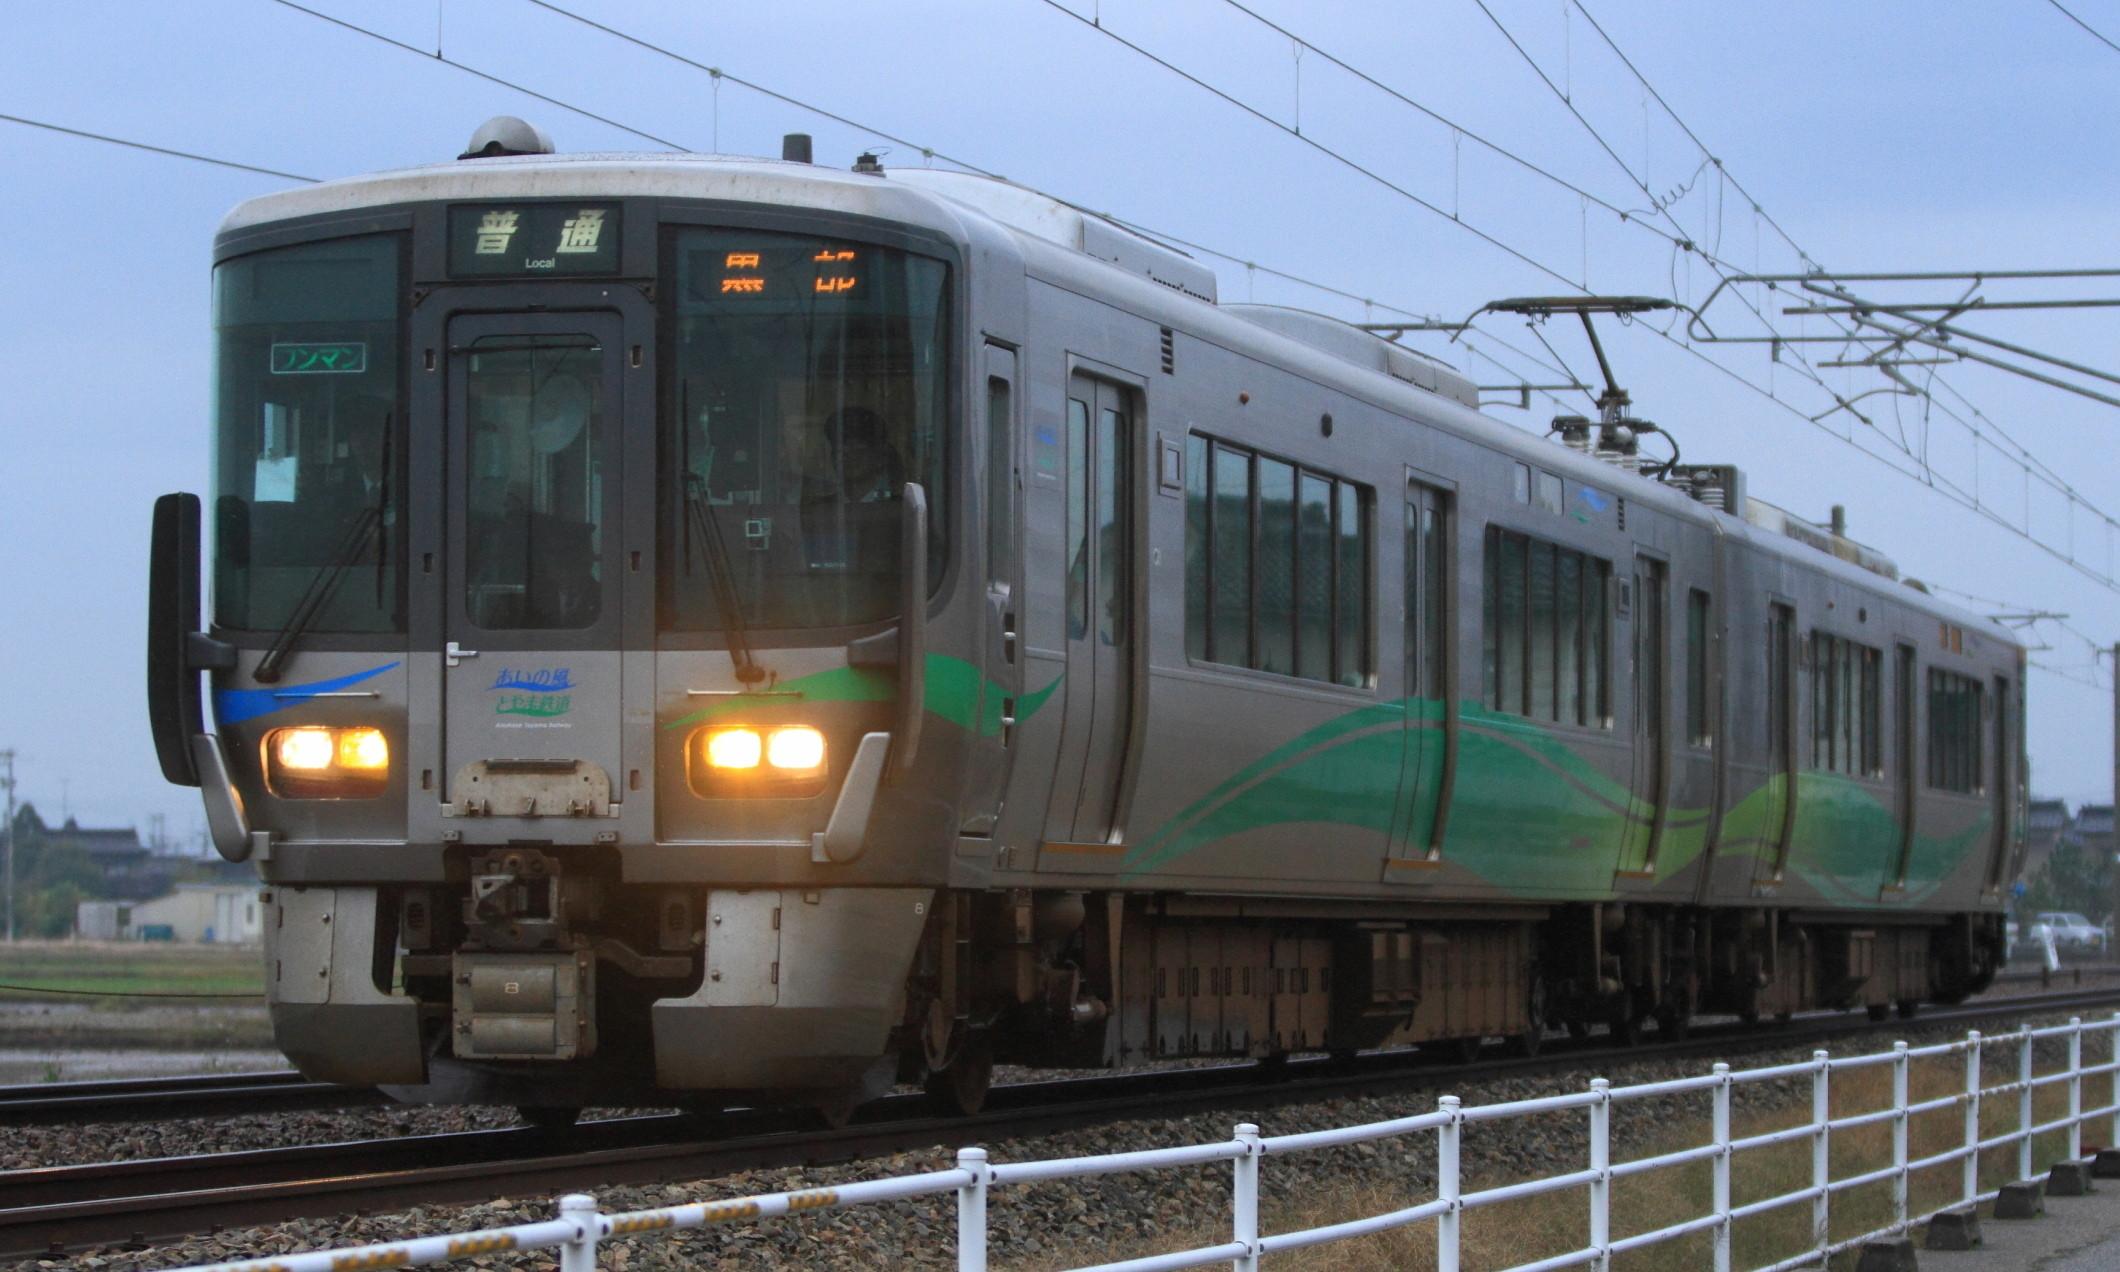 Ainokaze_Toyama_Railway_521_Series